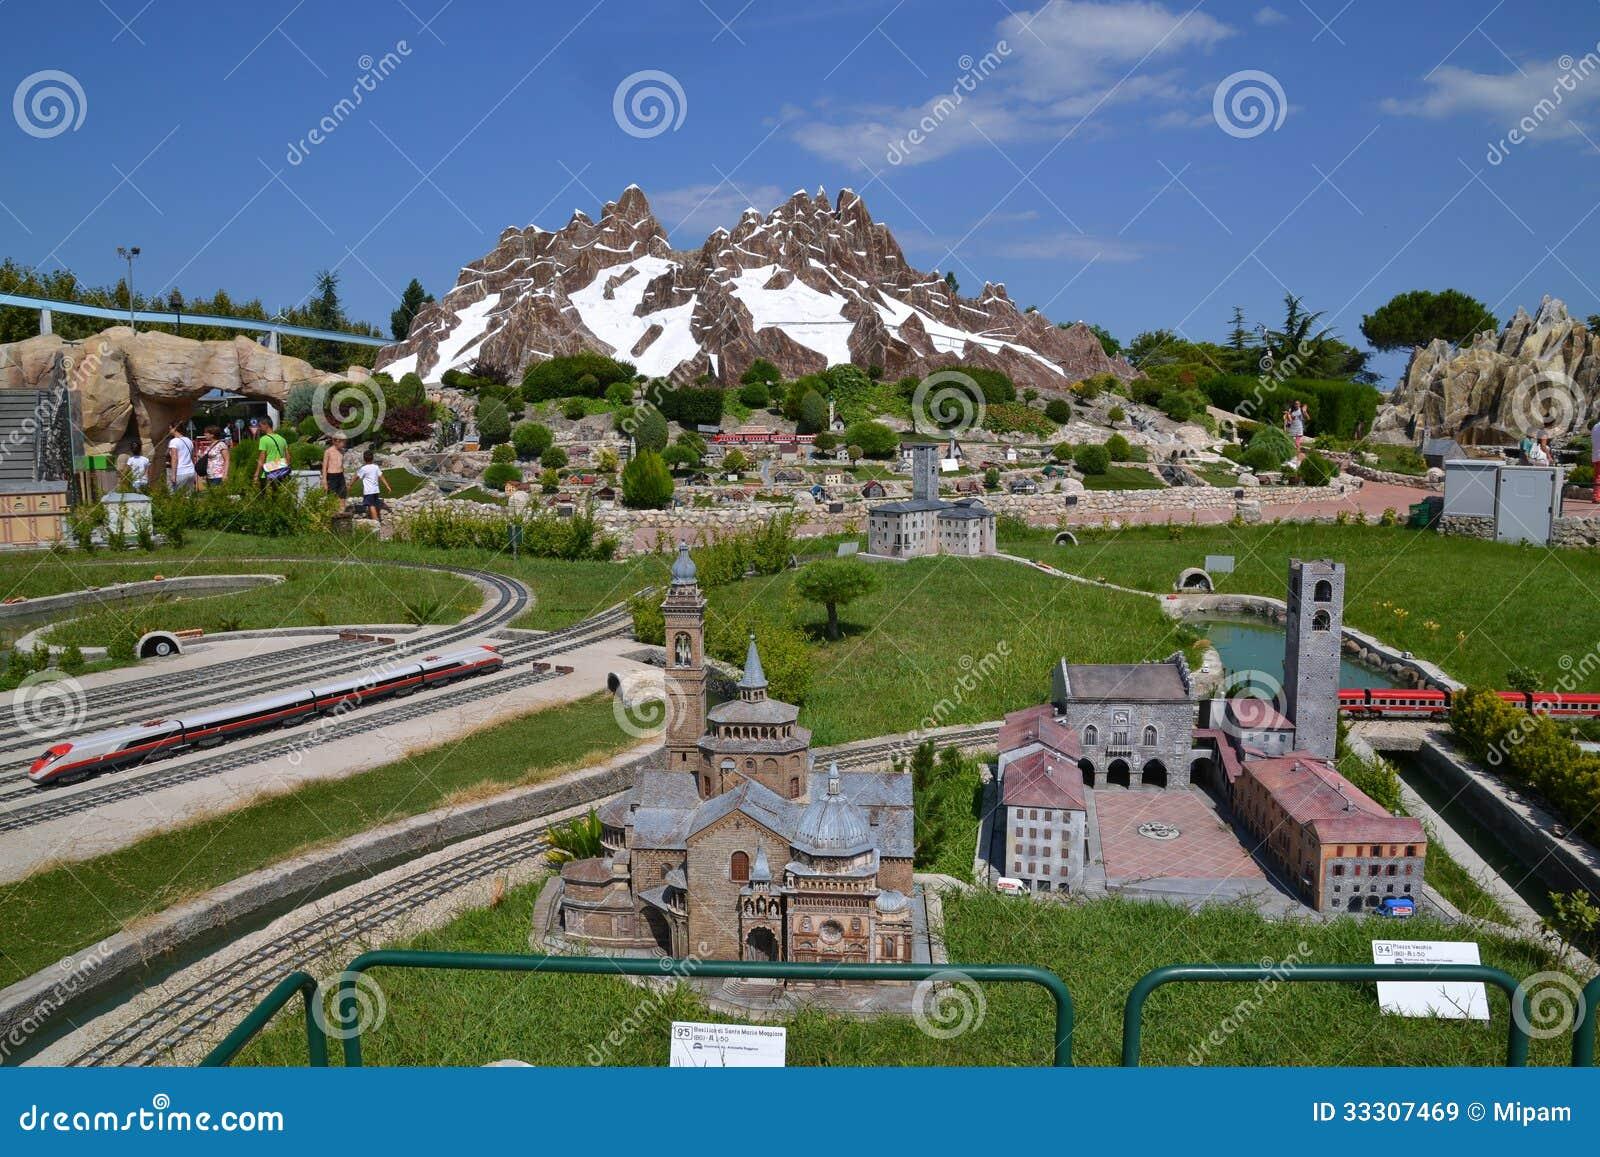 Cartina Dell Italia In Miniatura.L Italia In Miniatura Citta E Montagne Immagine Stock Editoriale Immagine Di Piccolo Ferrovia 33307469